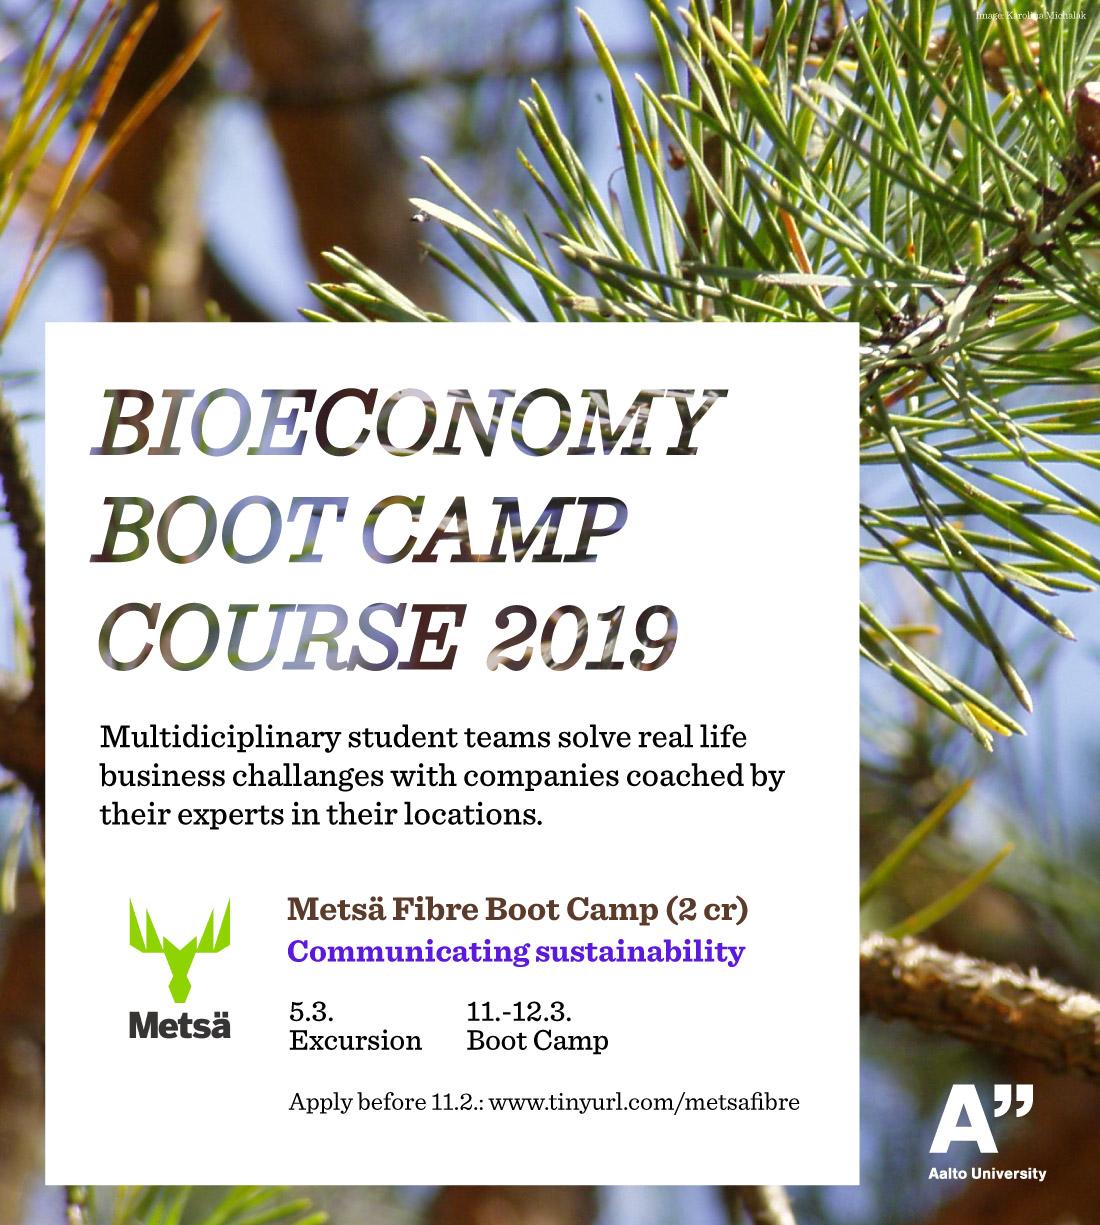 Bioeconomy Boot Camp, Metsä Fibre